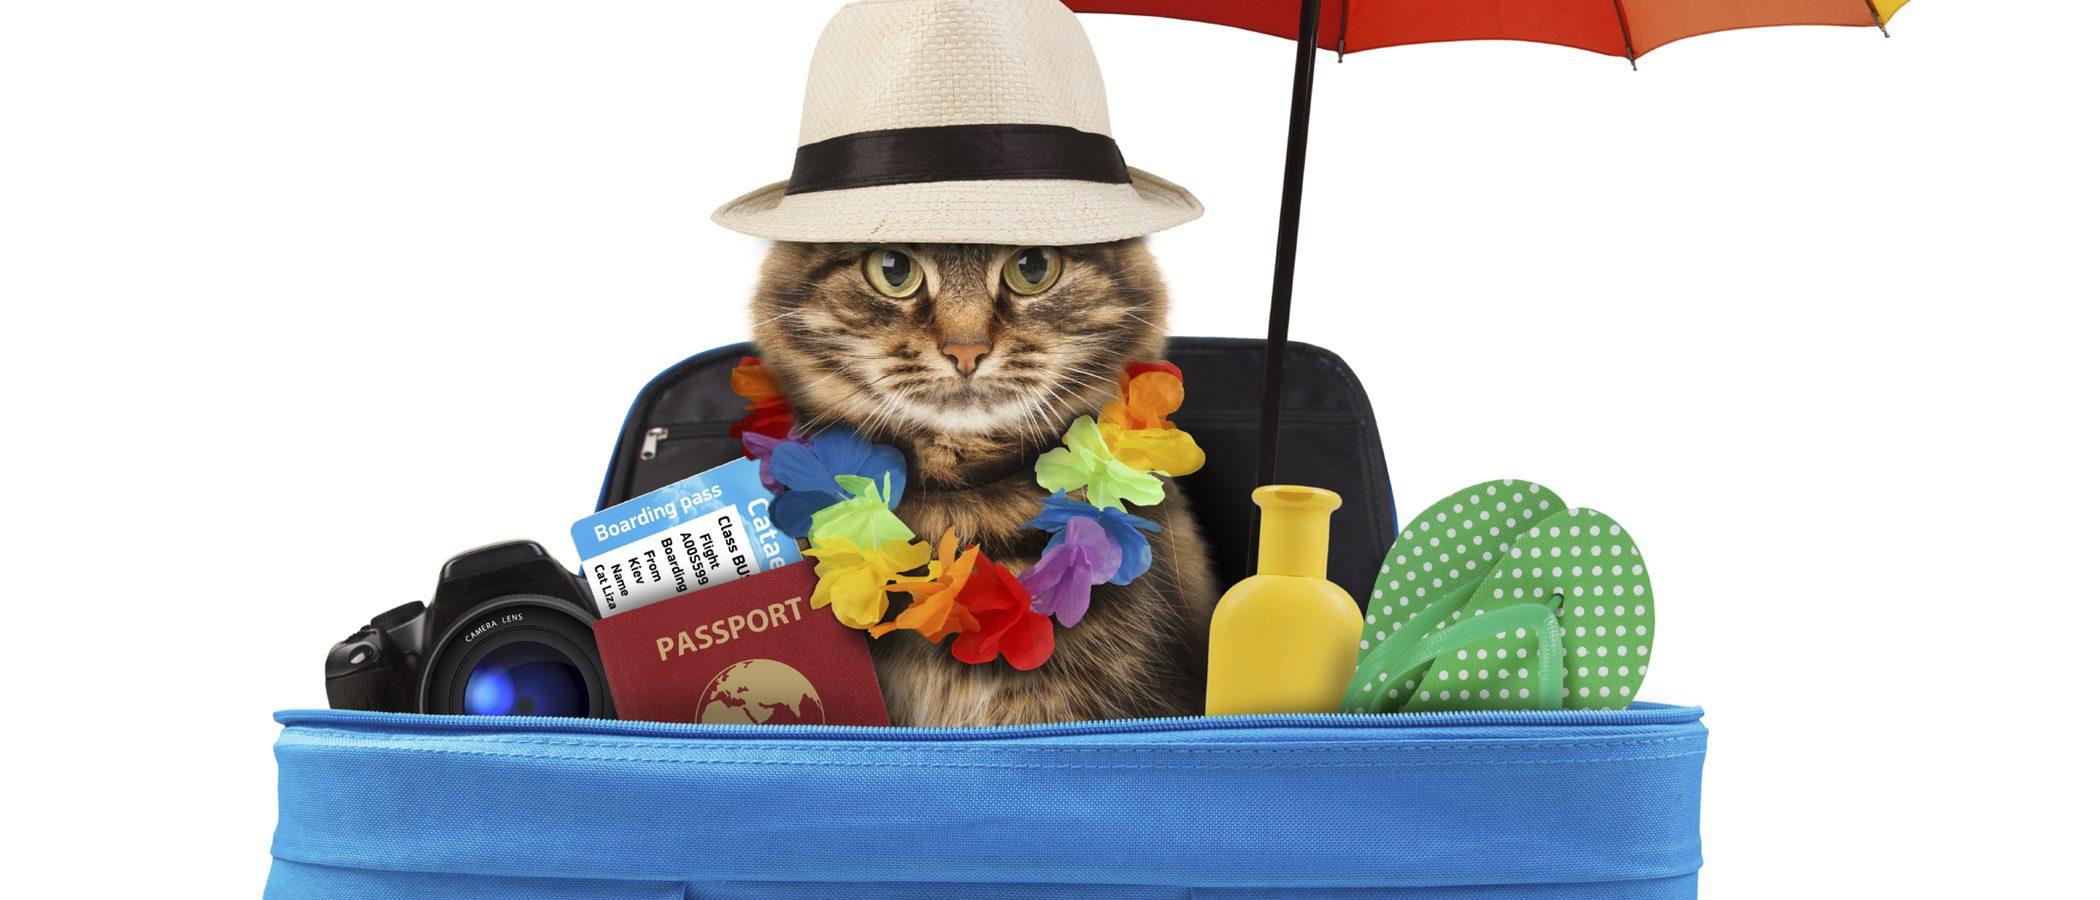 Qué hacer con nuestras mascotas cuando salimos de vacaciones